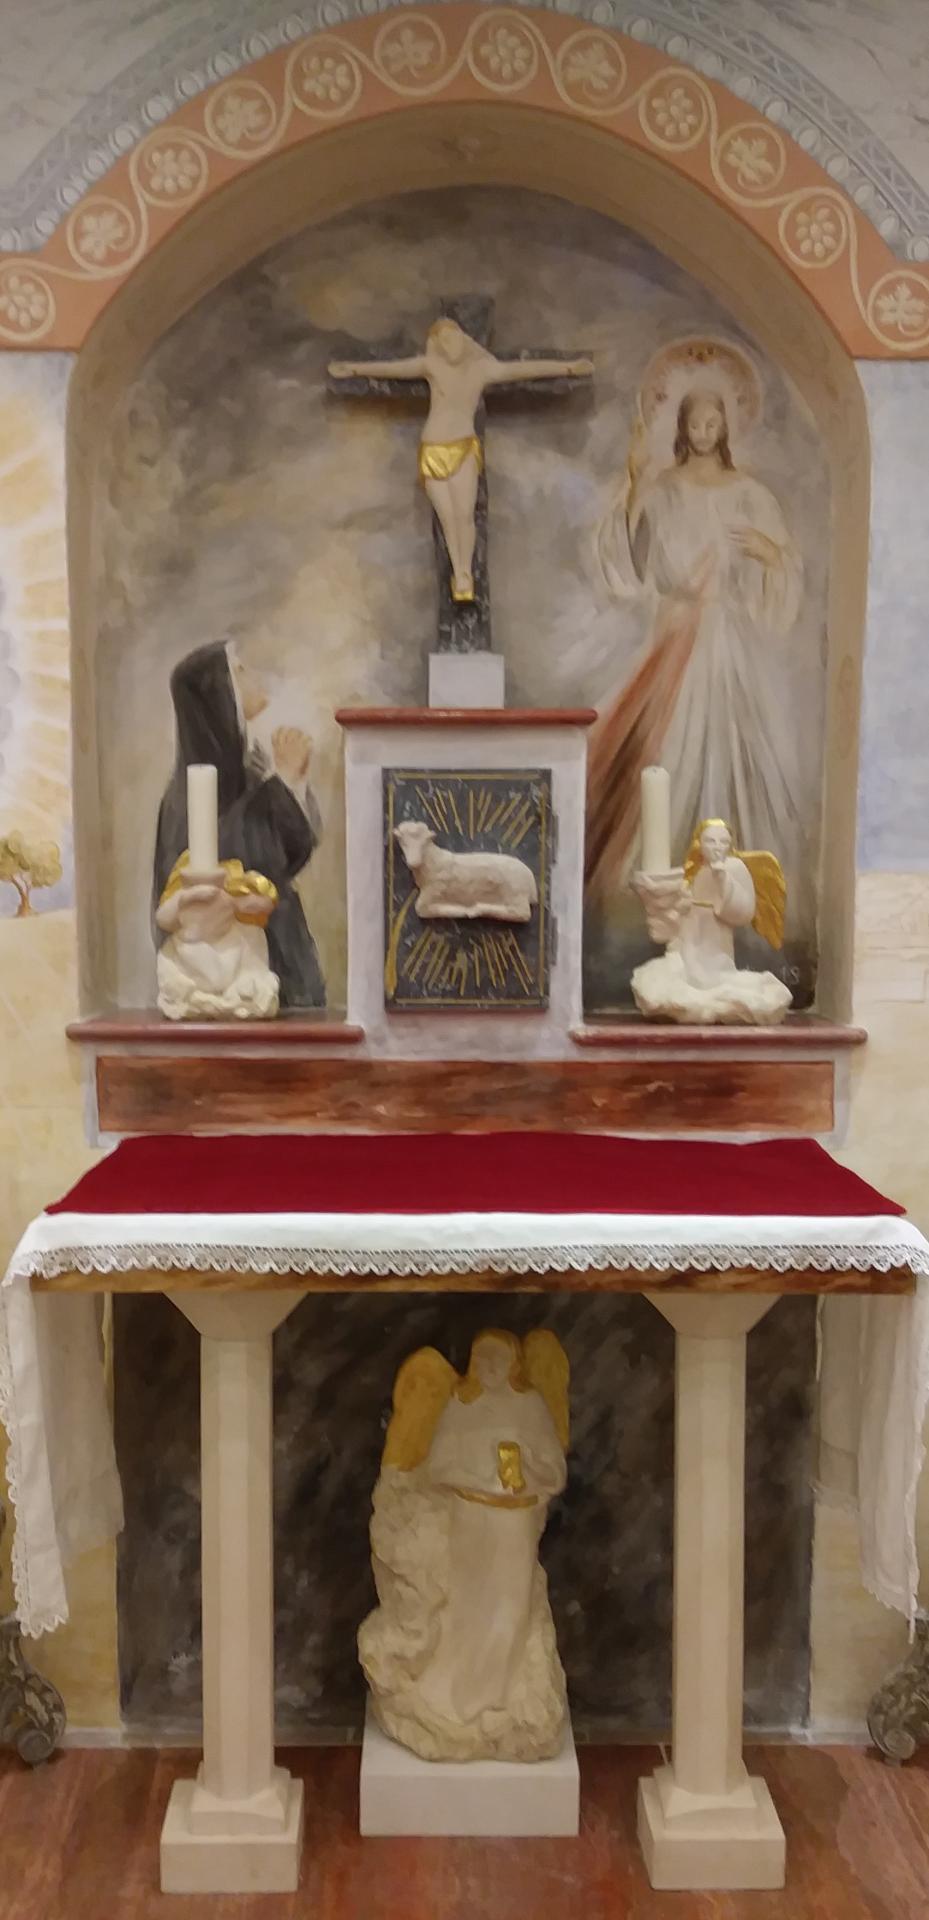 Fresque de la Misericorde, autel, sculpture et tabernacle pour les missionnaires de la miséricorde divine à Toulon.